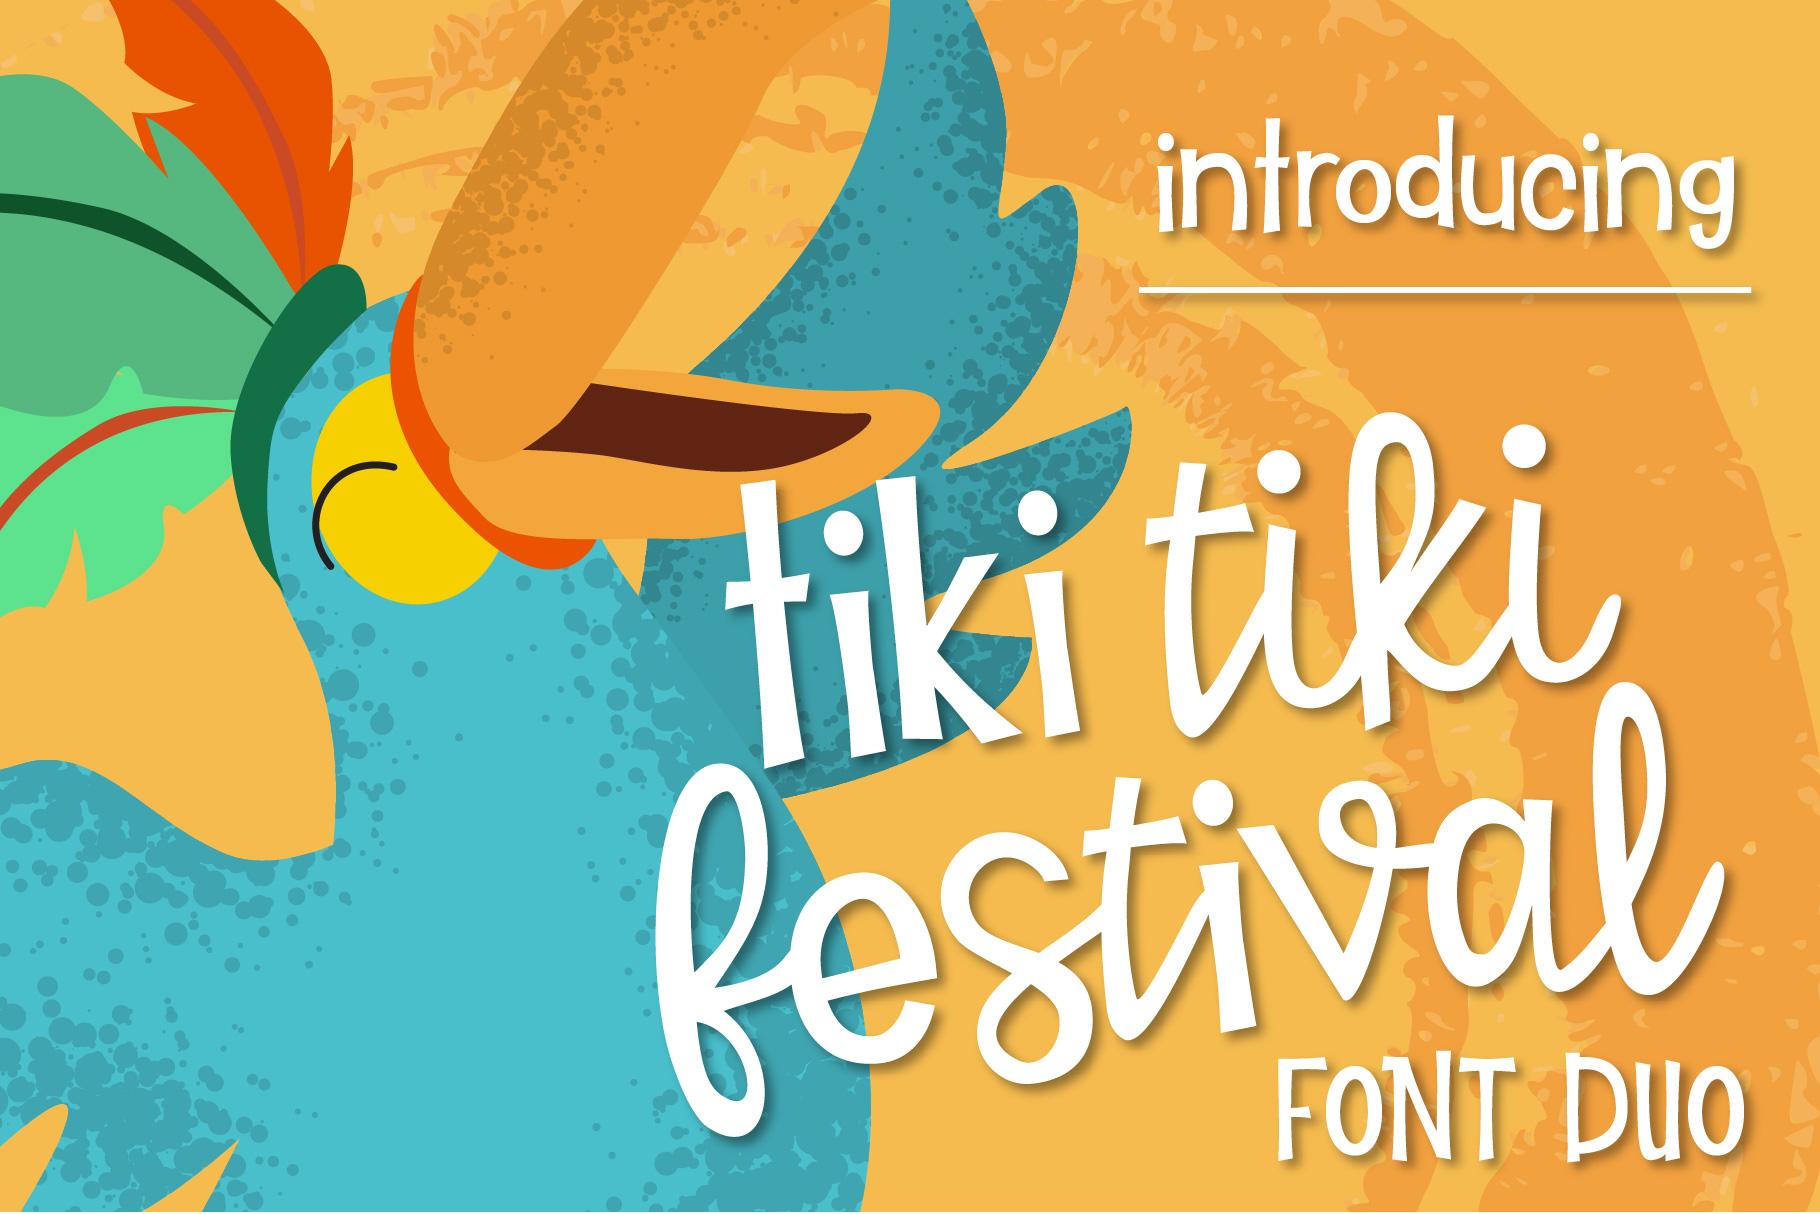 Tiki Tiki Festival Font Duo example image 1